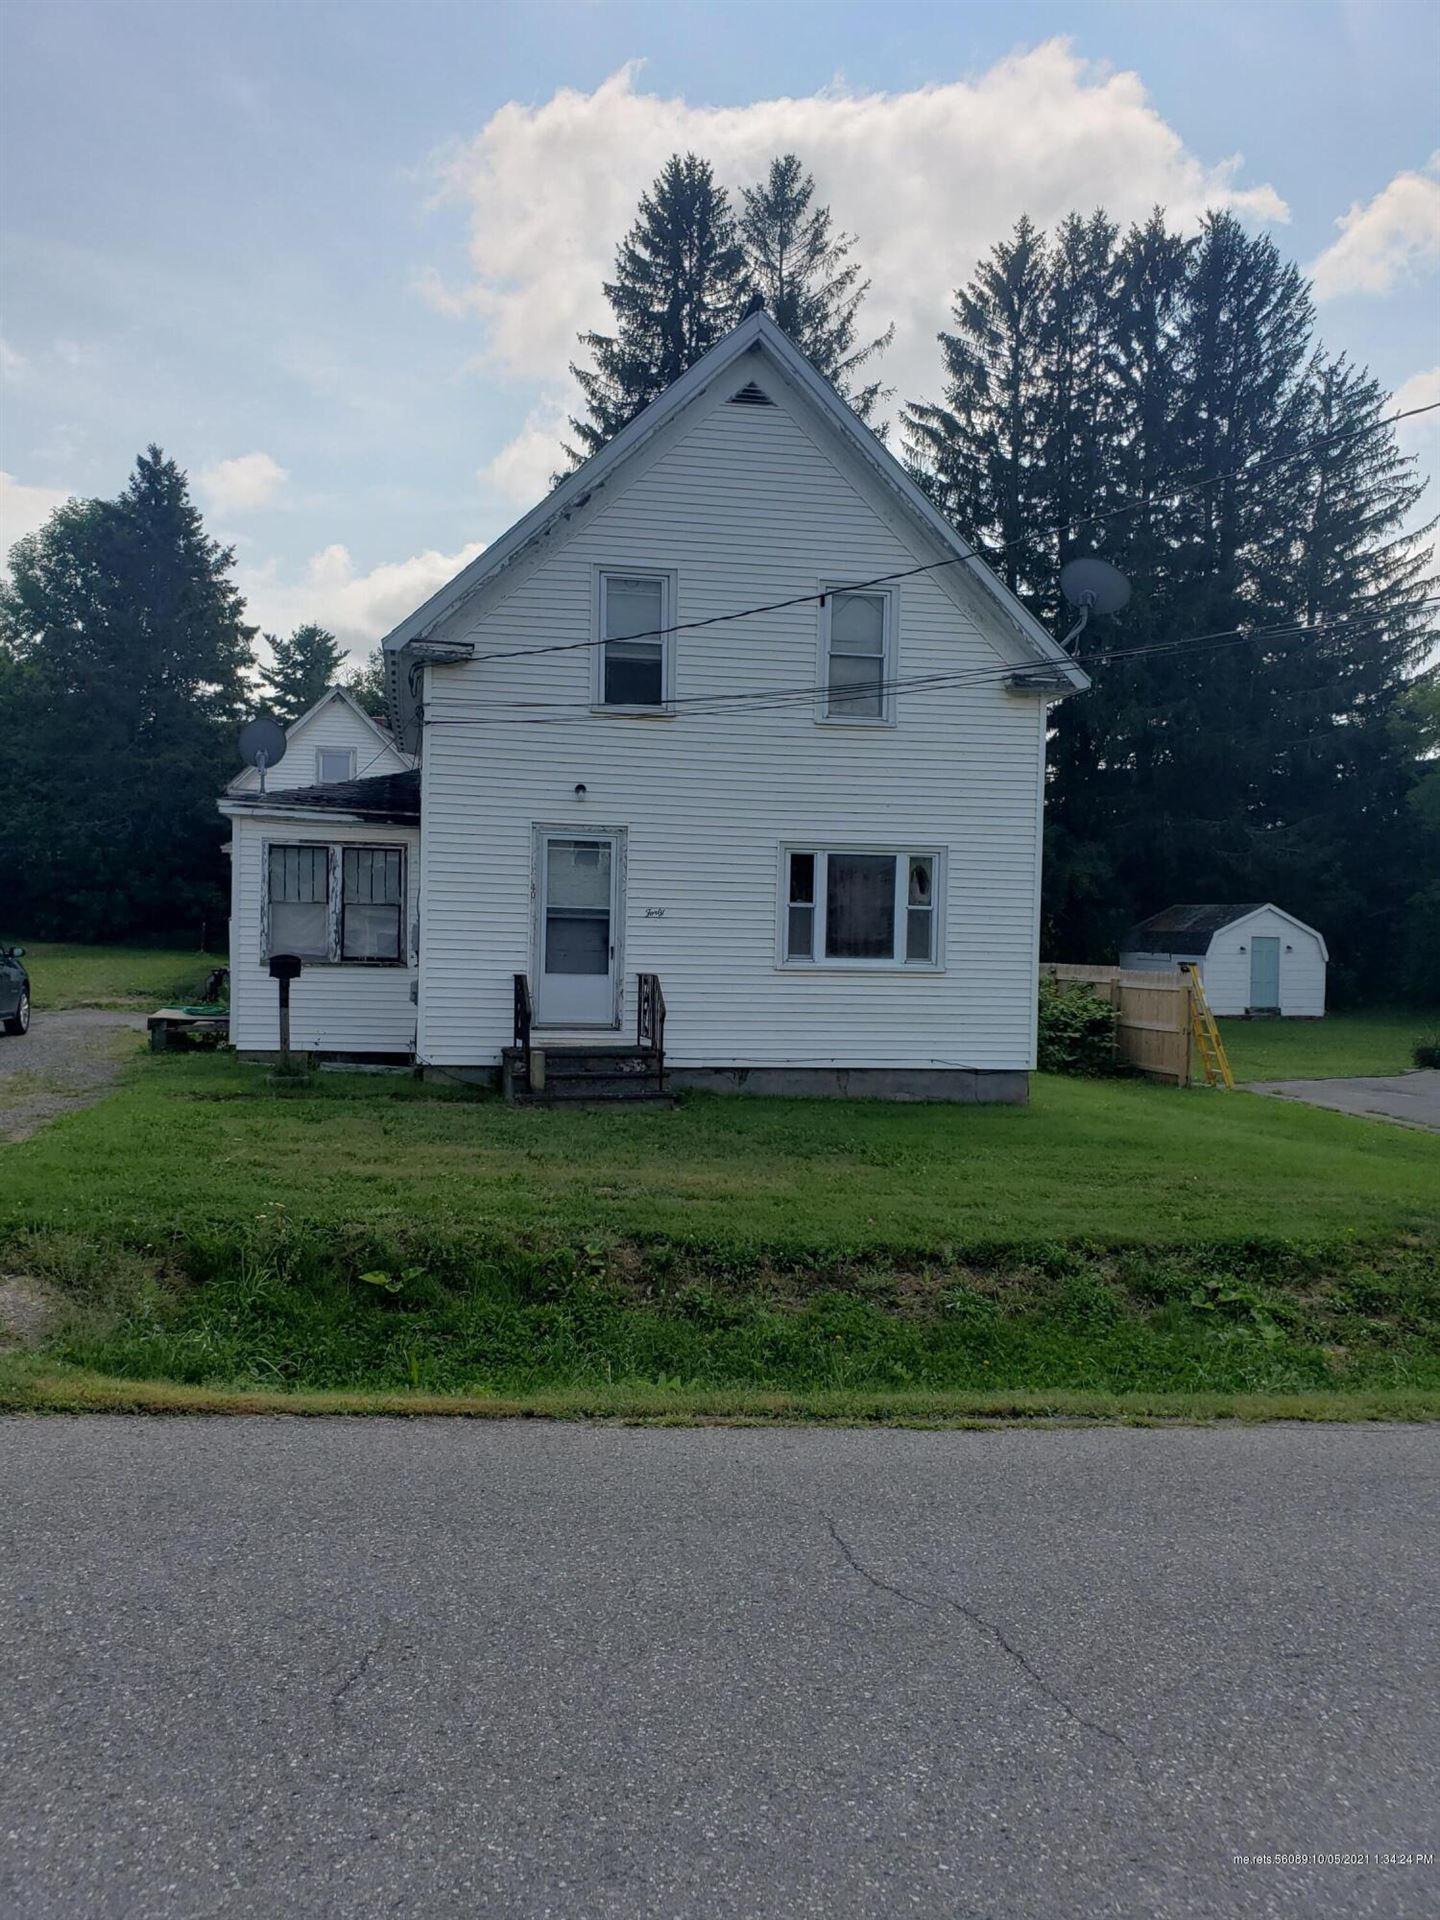 Photo of 40 & 40A Elm, Presque Isle, ME 04769 (MLS # 1511069)